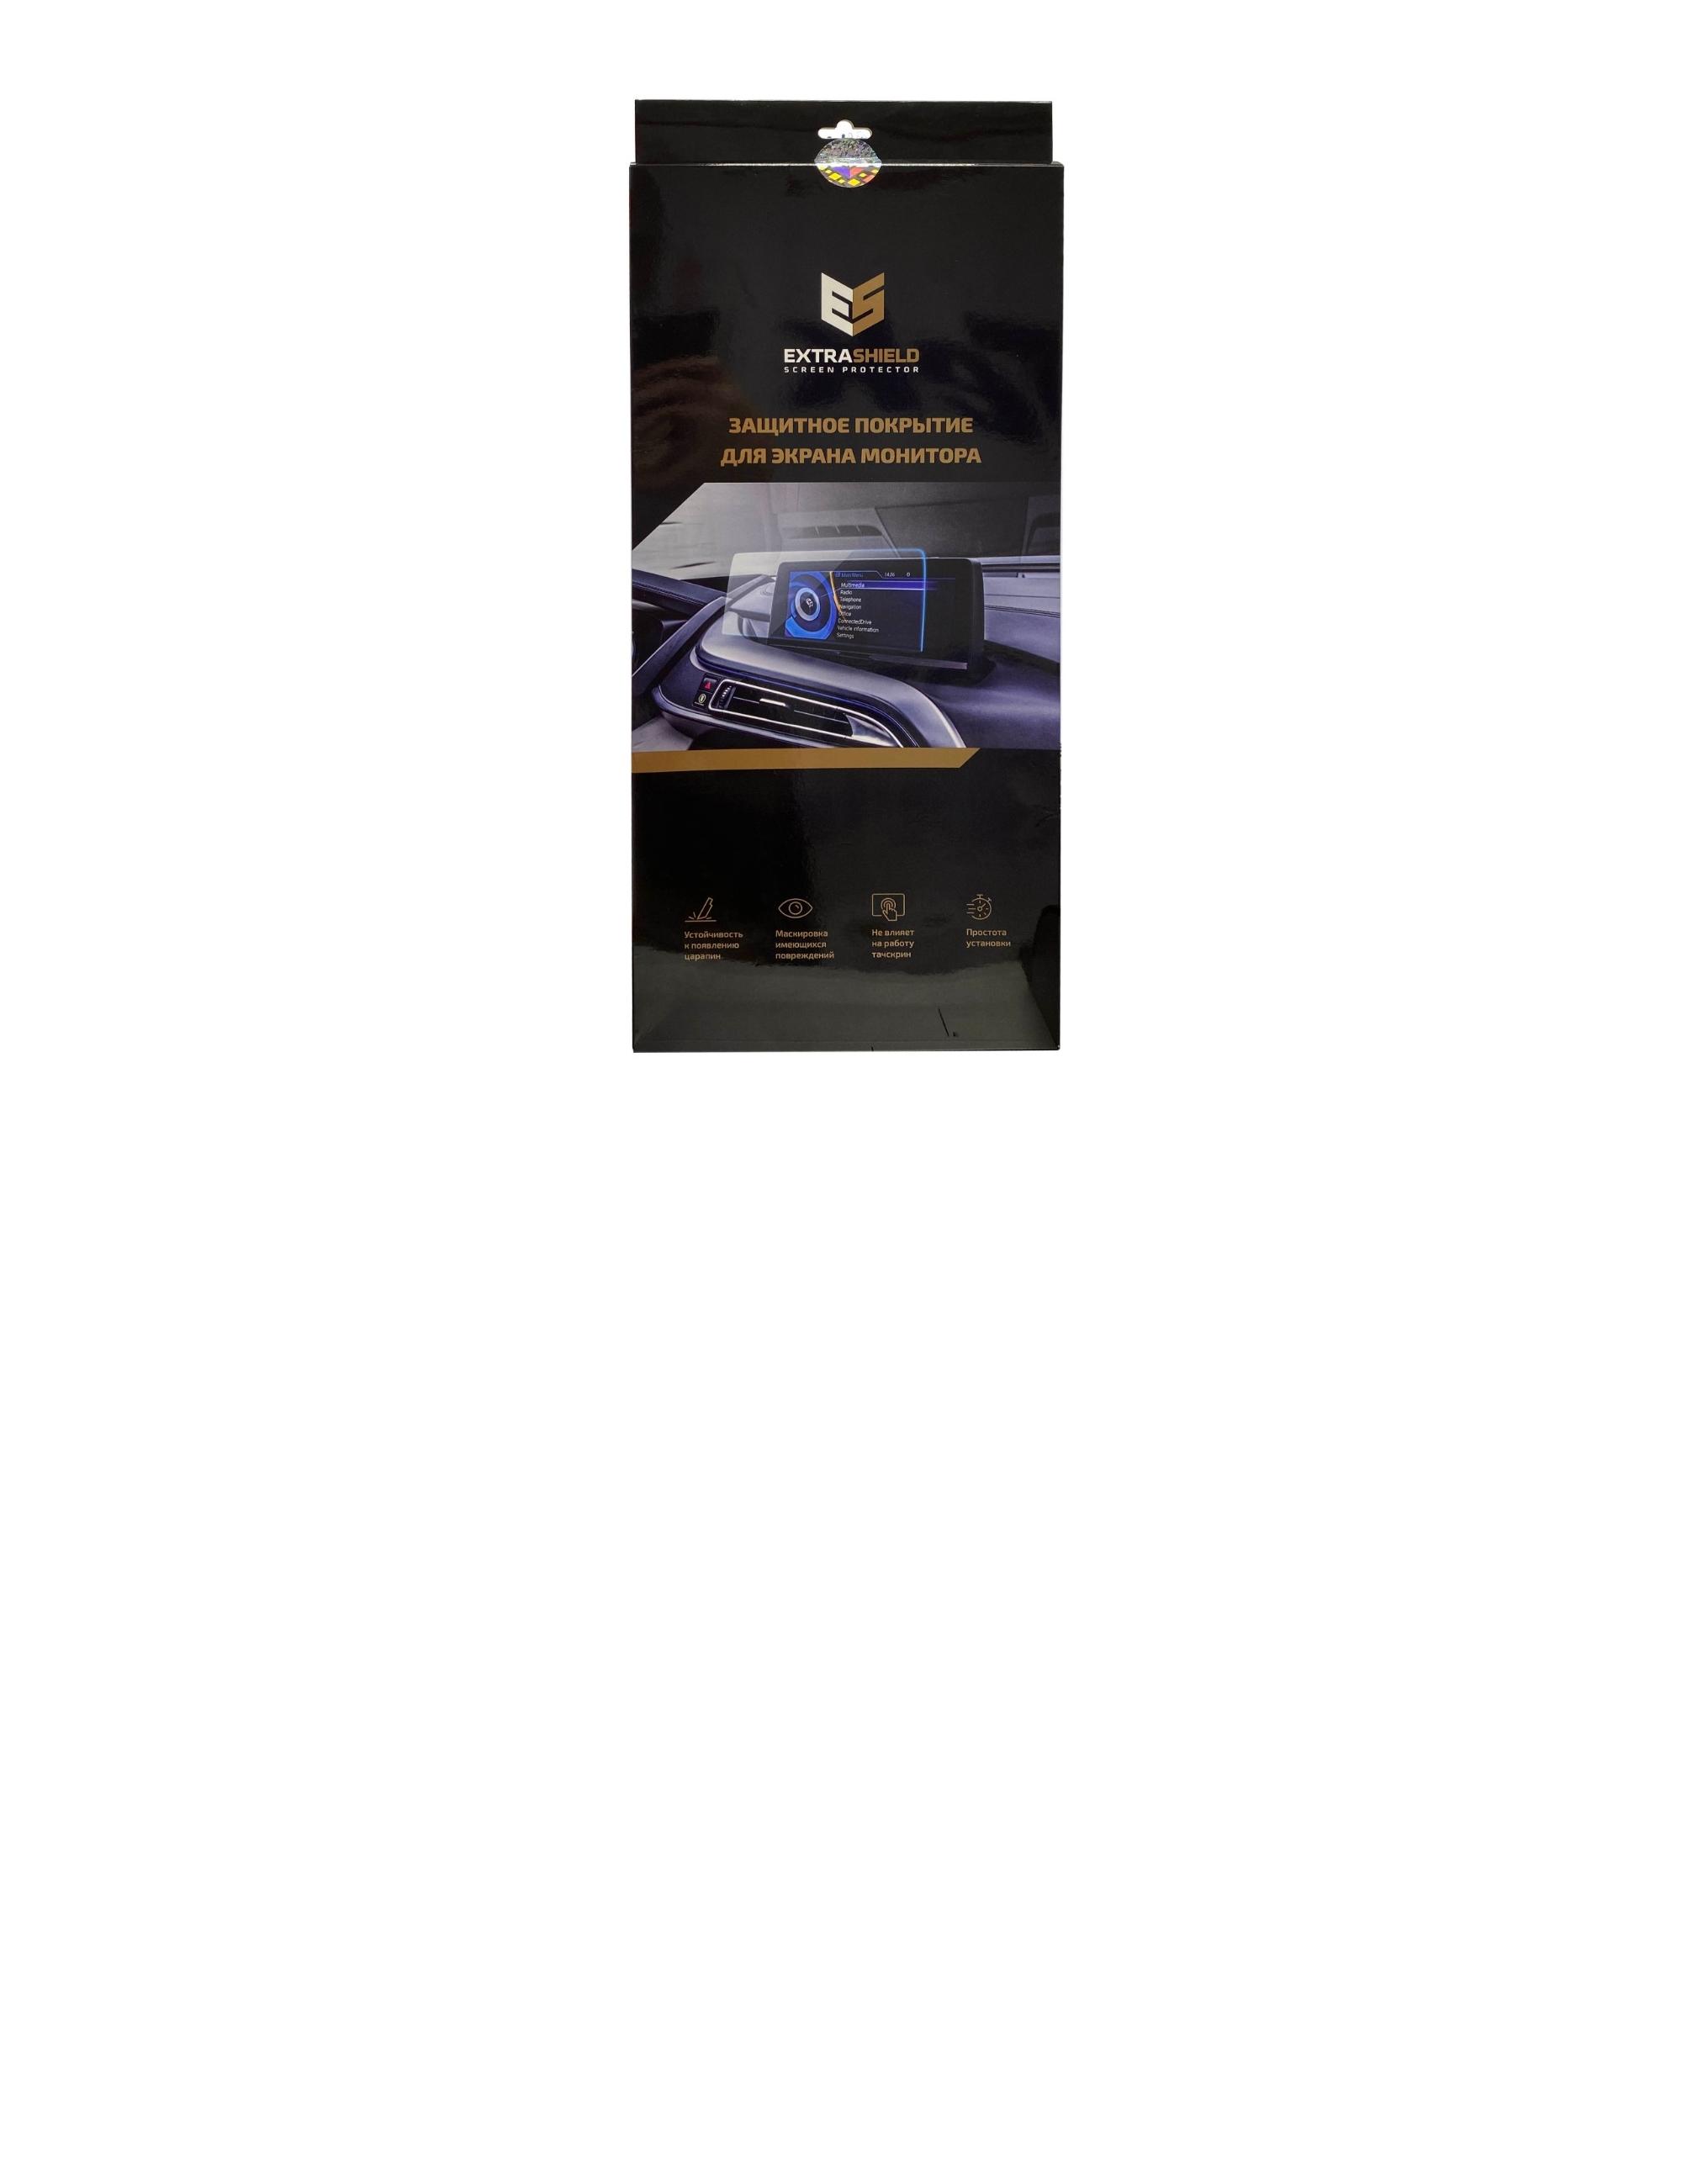 Mercedes-Benz GLA (X156) CLA (W117) 2017 - 2020 мультимедиа 8 Защитное стекло Глянец